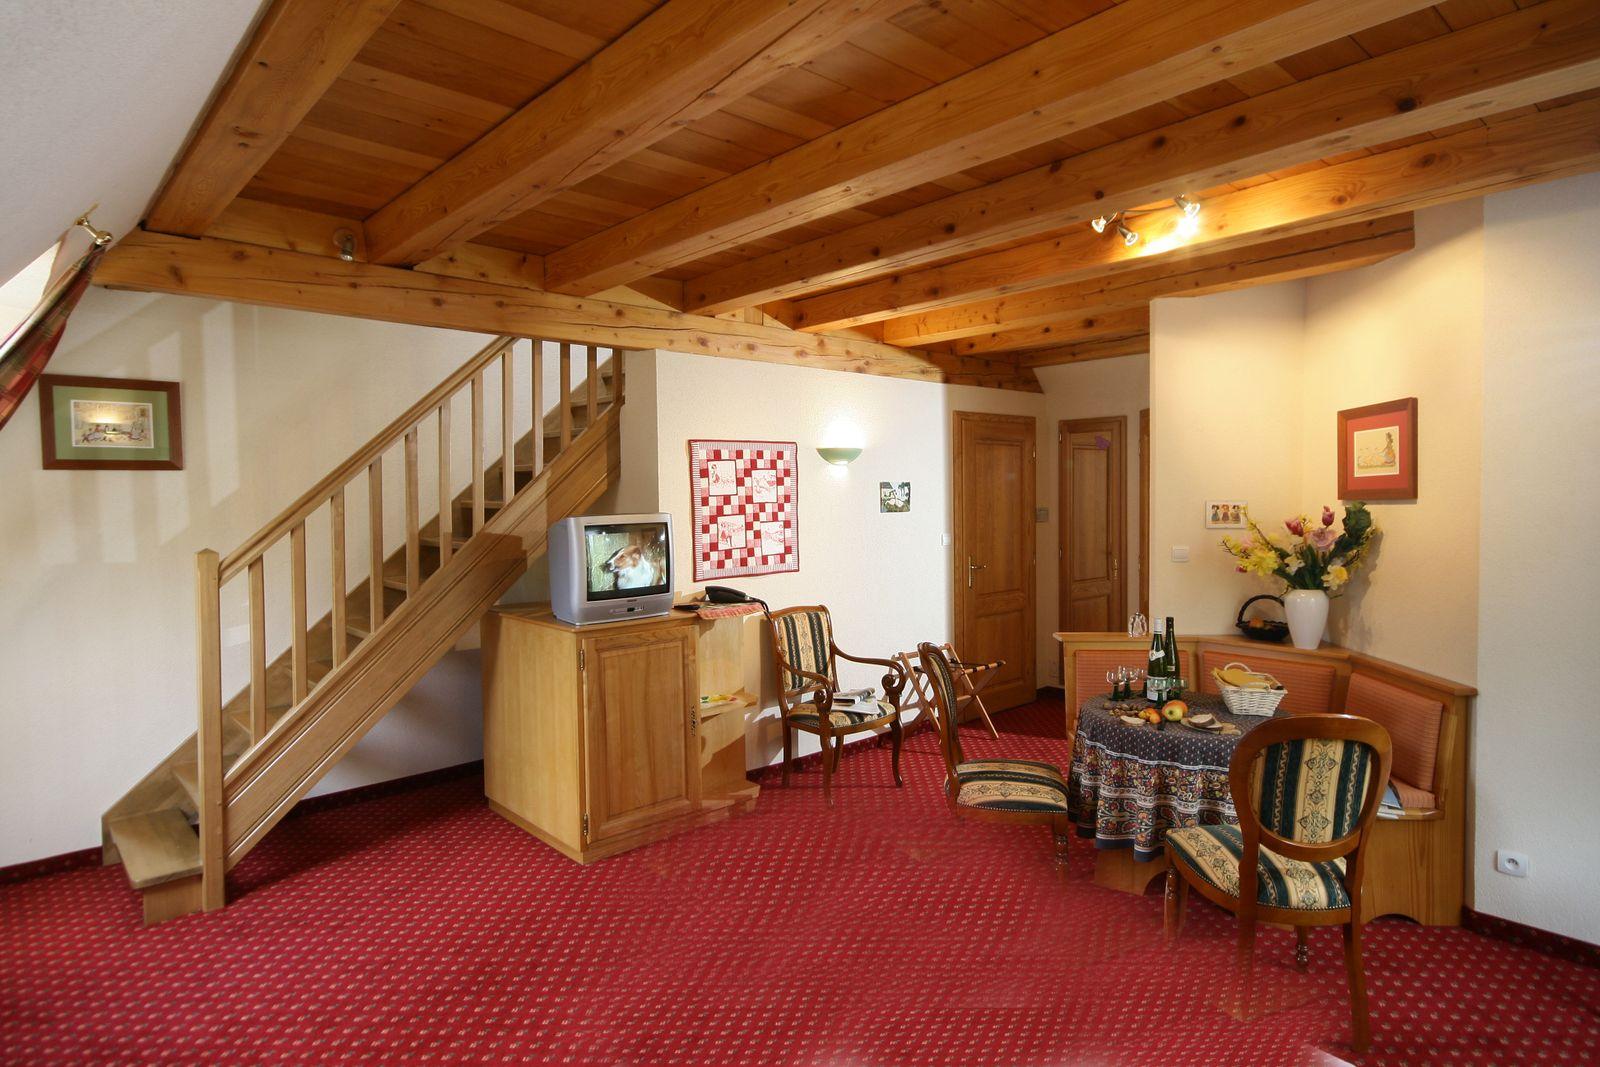 STE ODILE, Belle chambre DUPLEX pour 4 personnes, balcon.